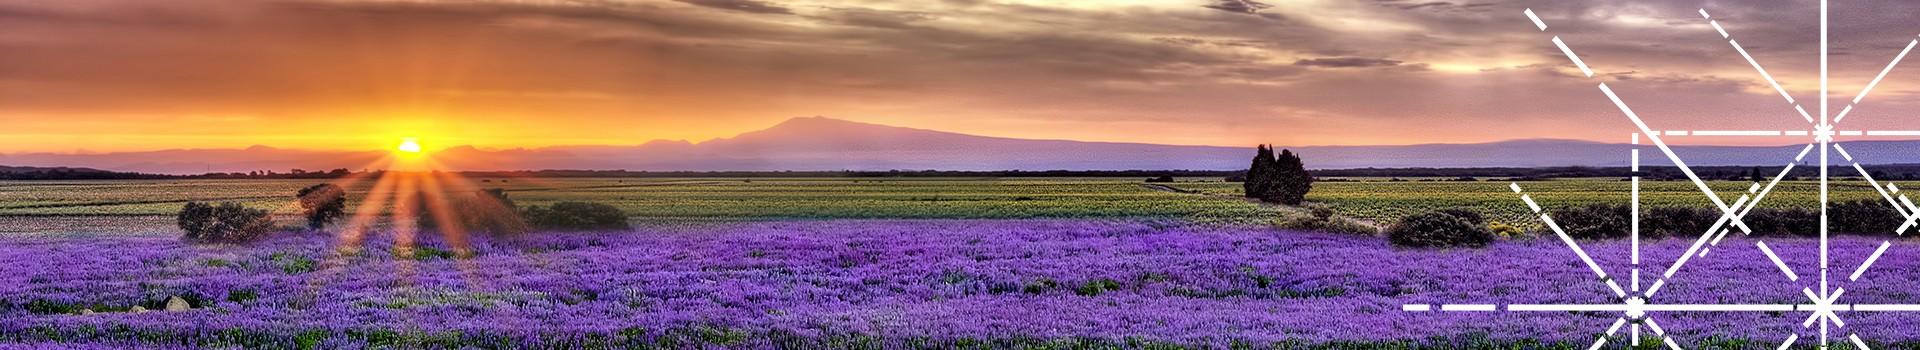 coucher-de-soleil-lavandes-vignes-95